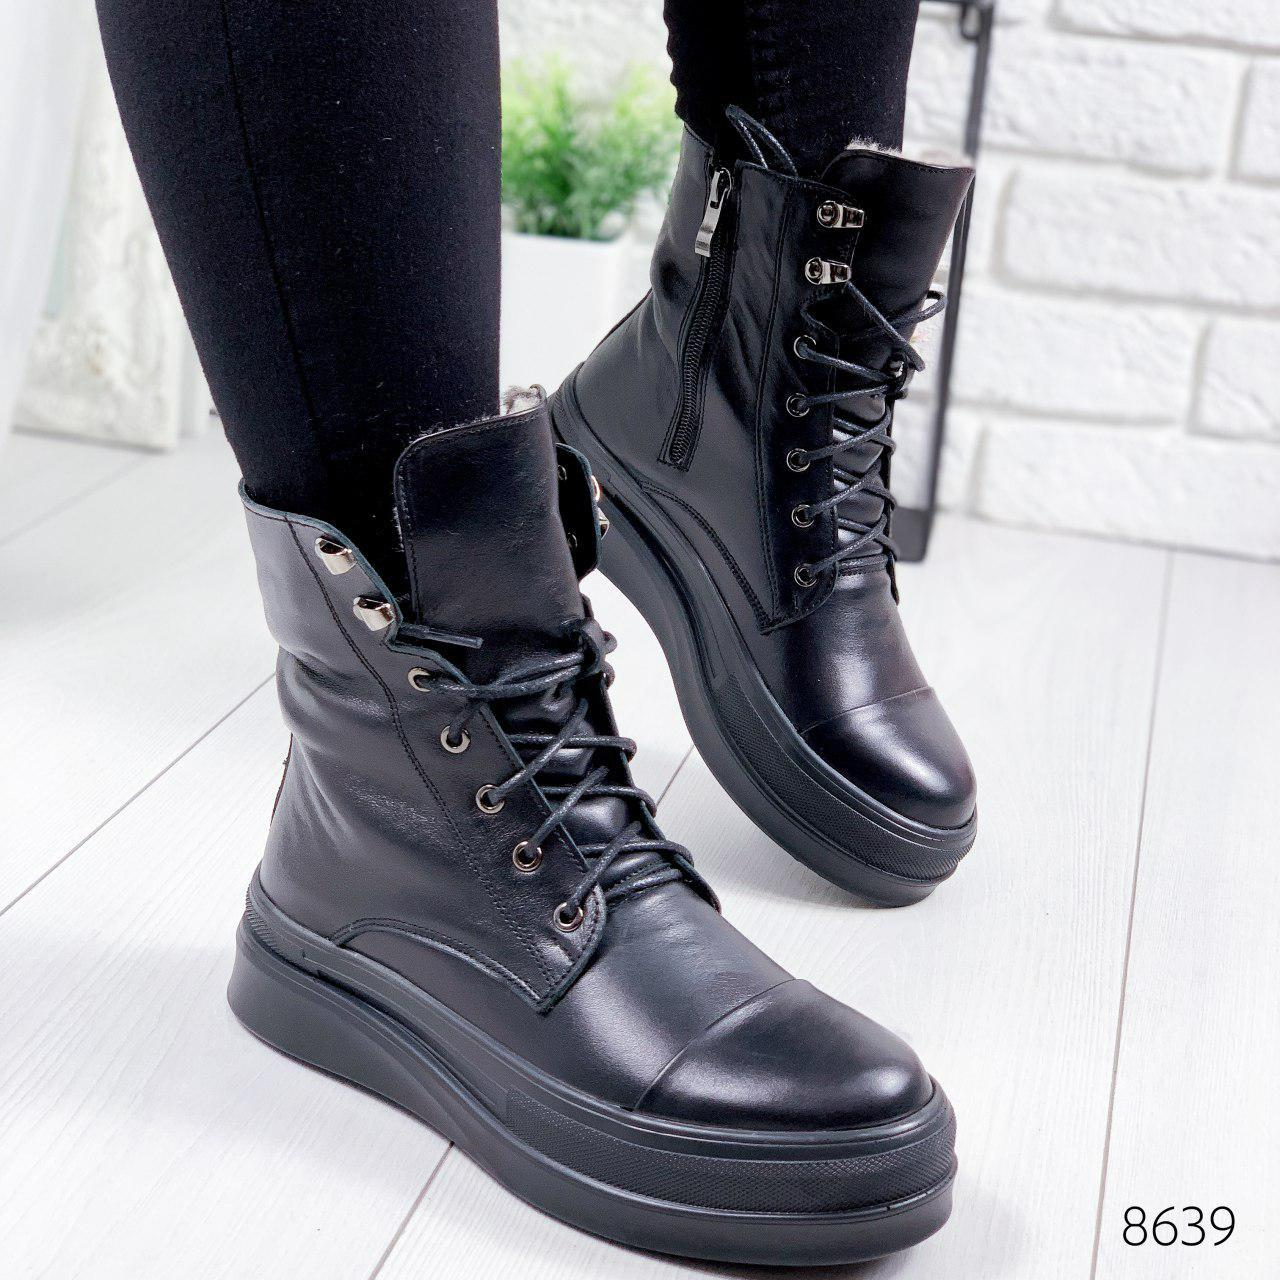 """Ботинки женские зимние """"Afo;o"""" черного цвета из натуральной кожи. Ботильоны женские. Ботинки зима"""